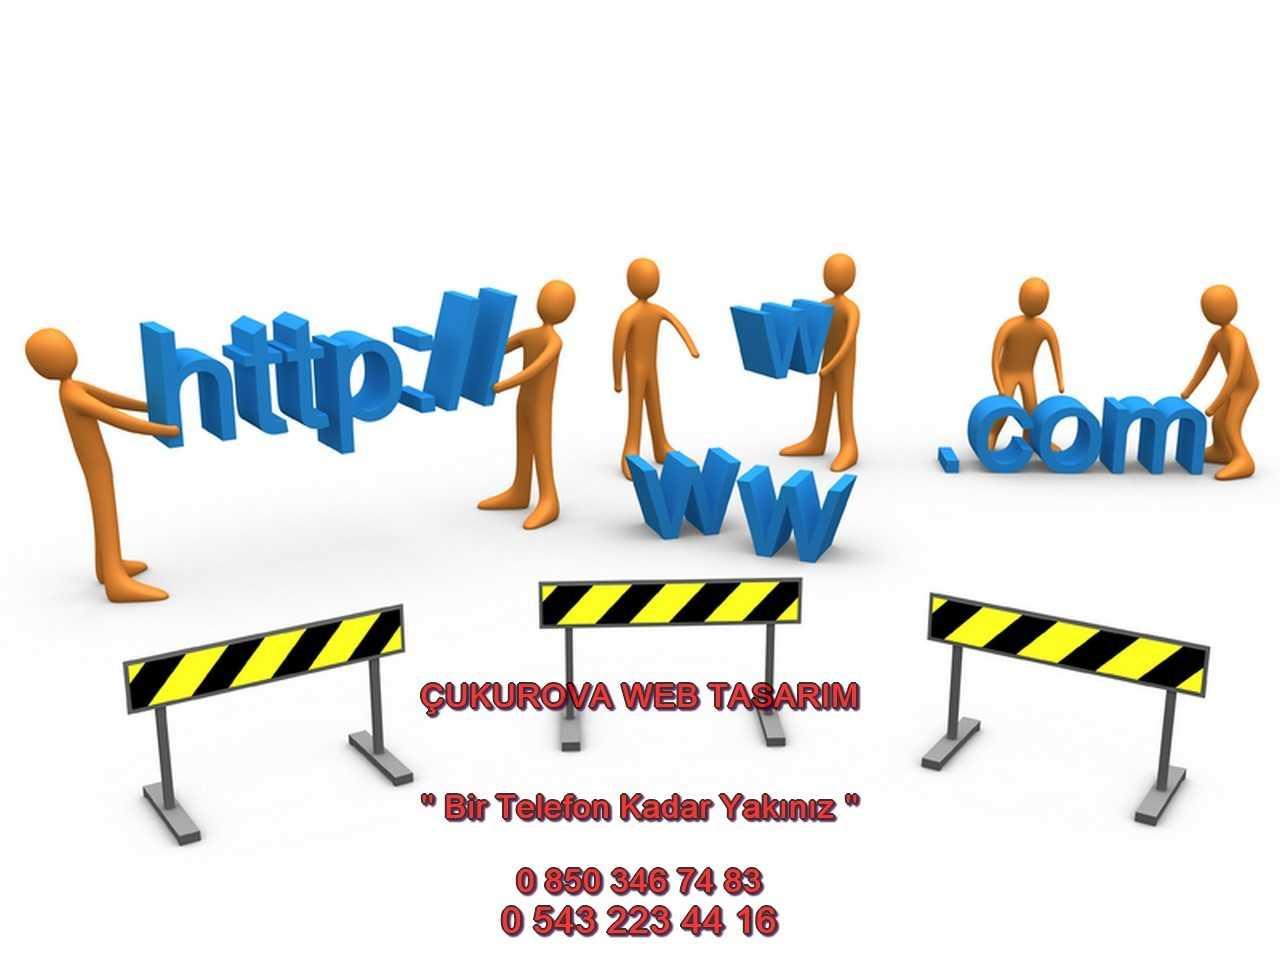 Feke Web Tasarım